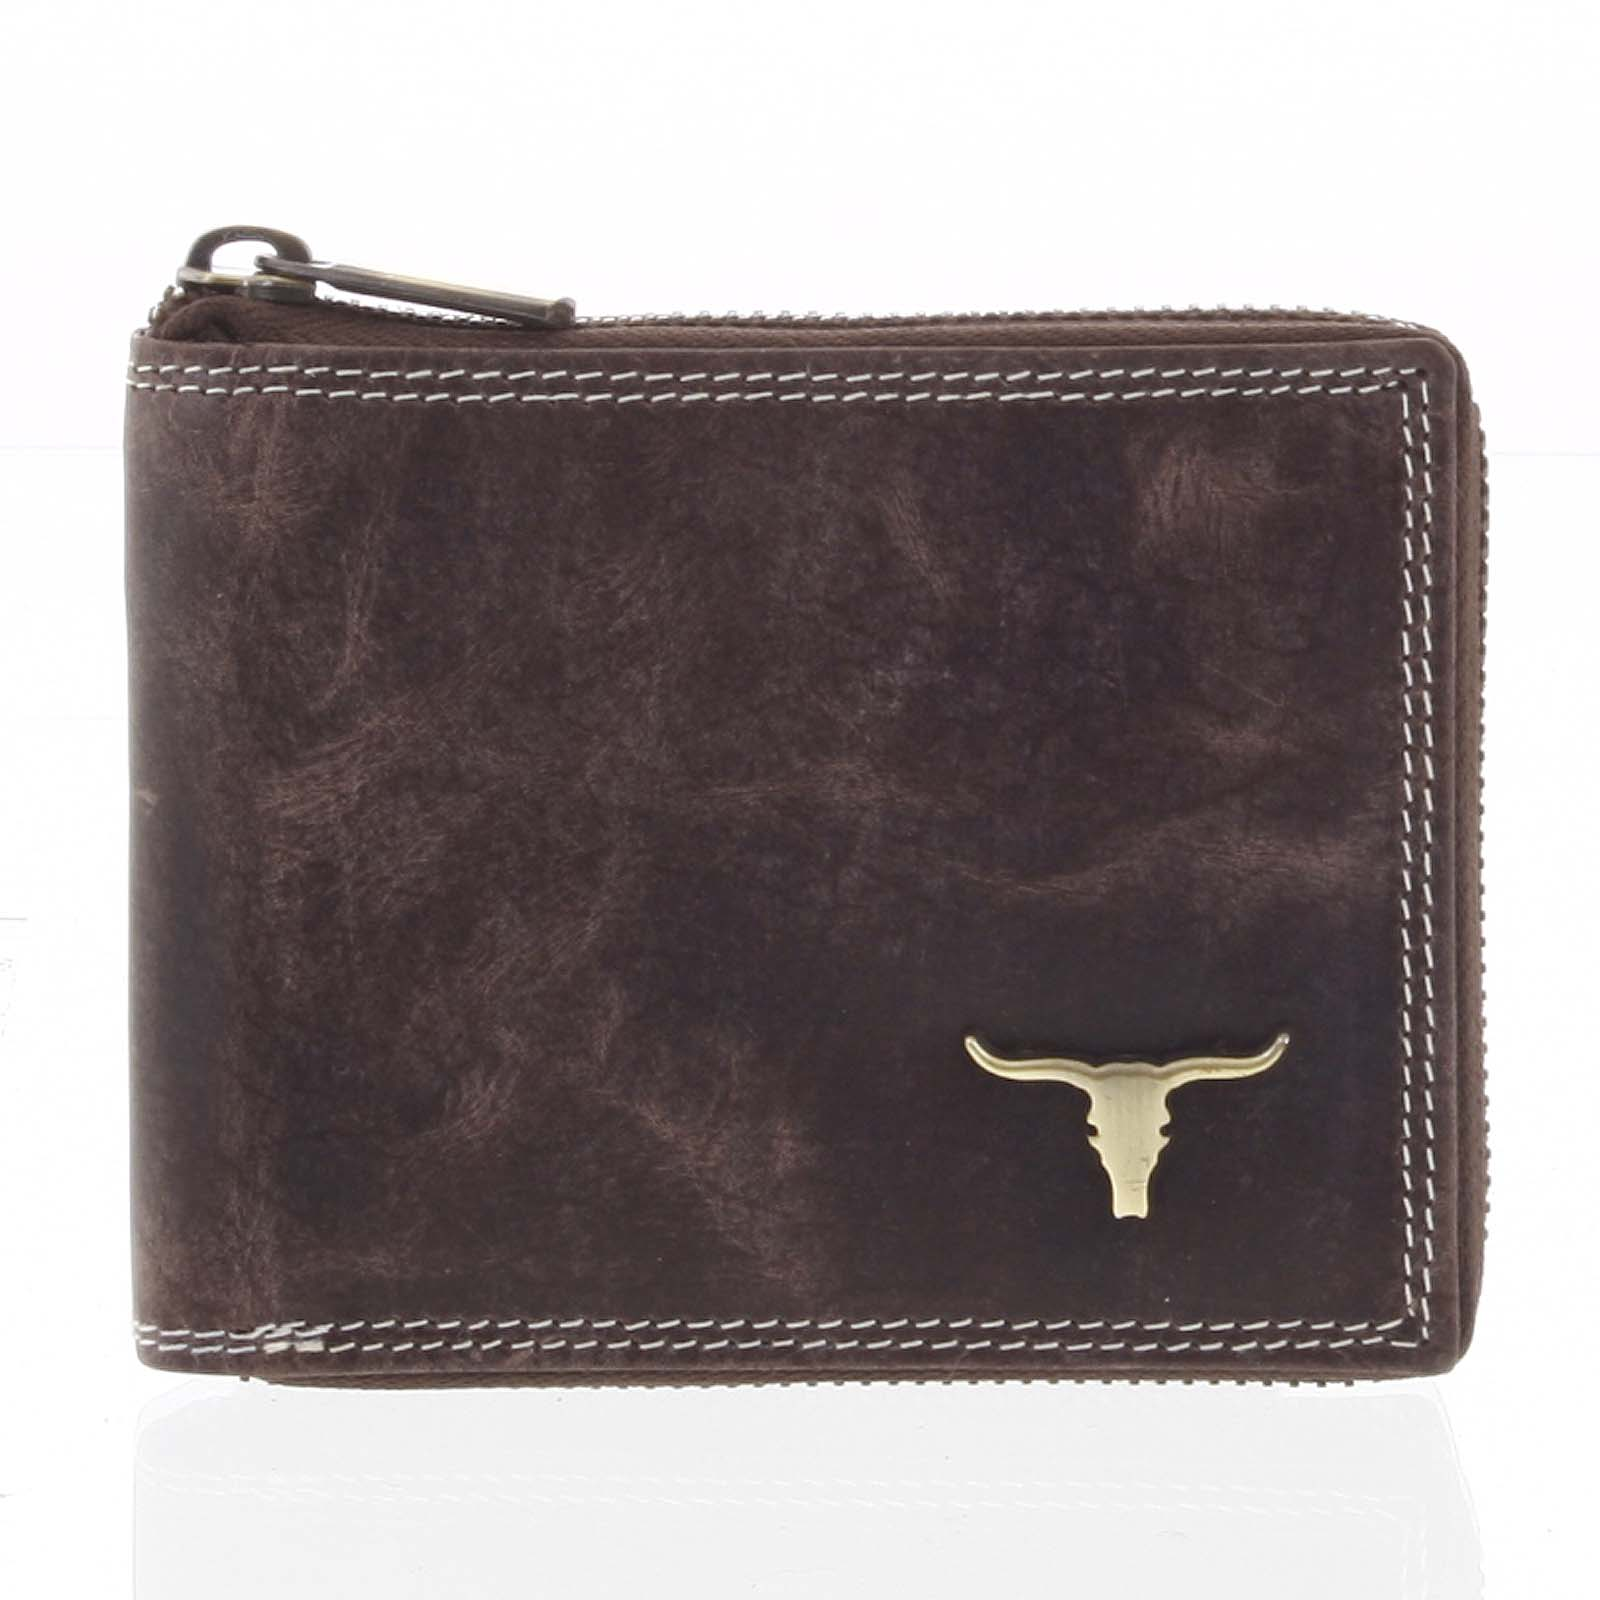 Pánská kožená broušená peněženka na zip hnědá - BUFFALO Talehot